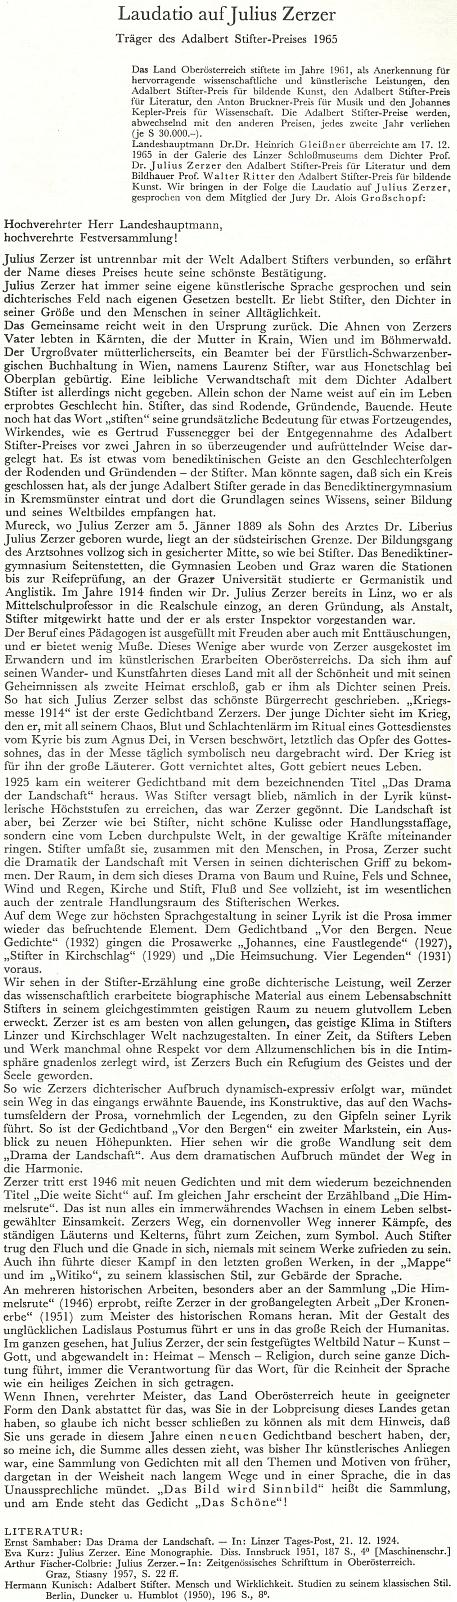 Laudatio, které pronesl Alois Großschopf při udělení Ceny Adalberta Stiftera Juliu Zerzerovi 17. prosince 1965 v galerii lineckého zámeckého muzea